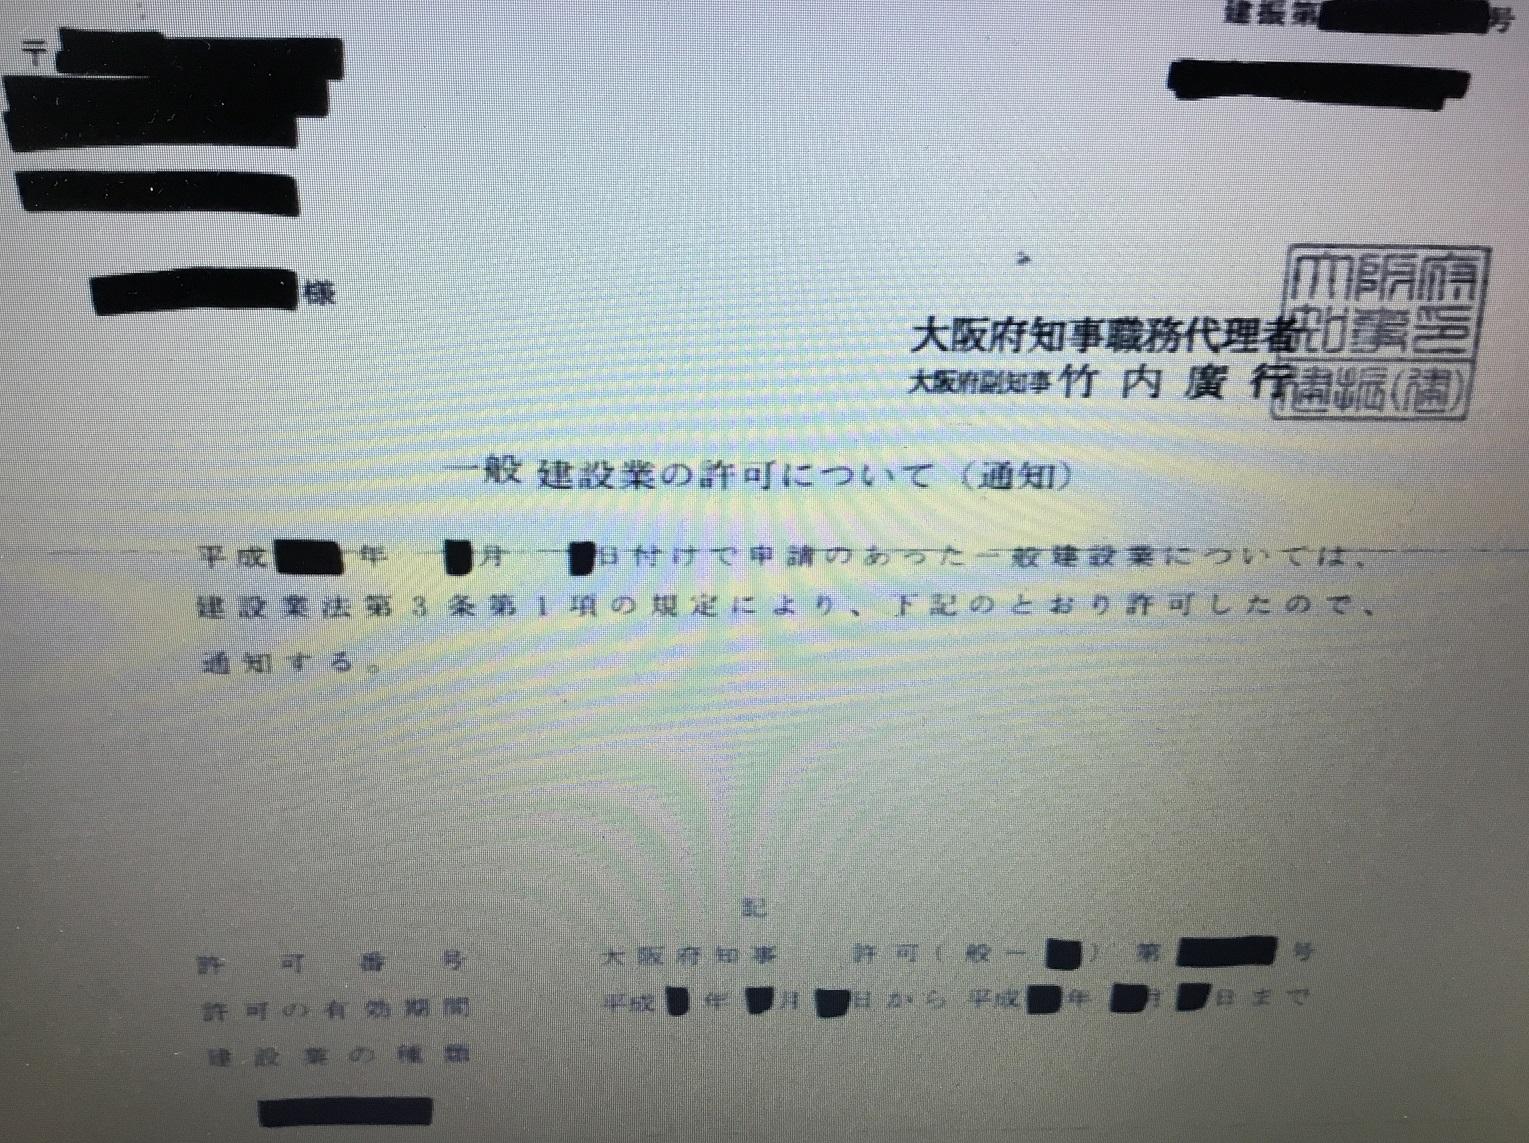 大阪府知事一般建設業許可 個人事業主 1業種